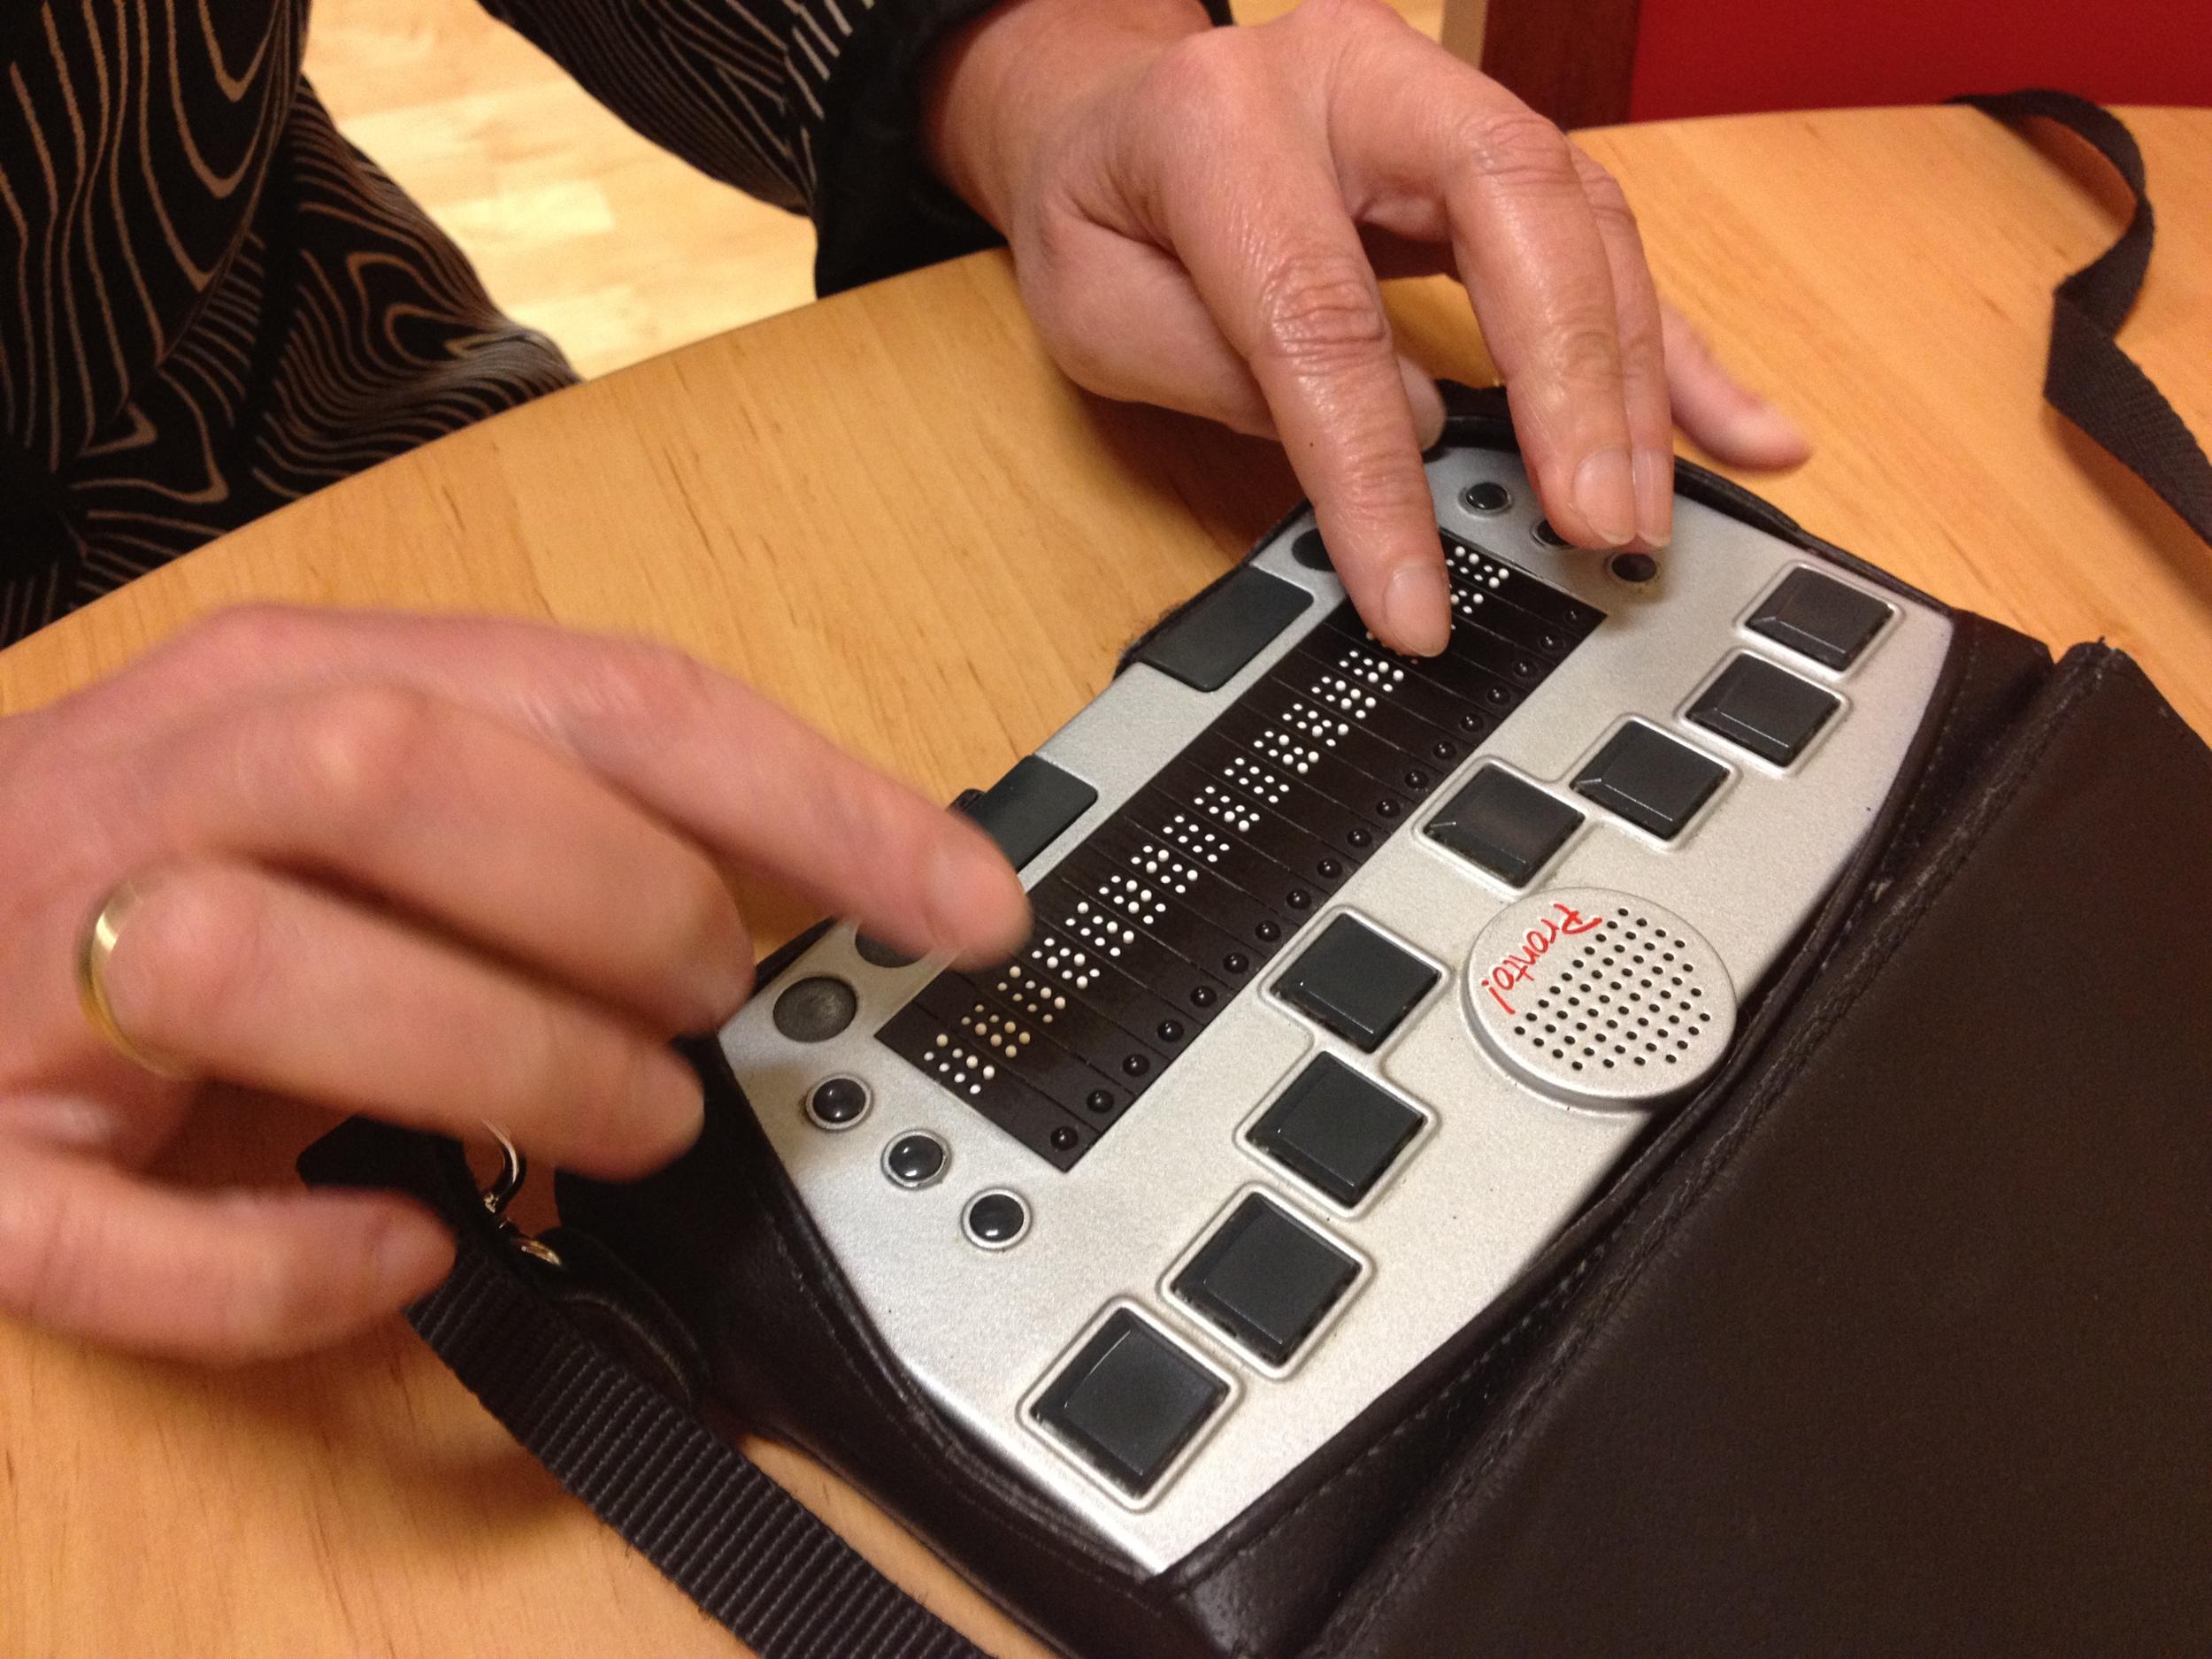 Ebenfalls im Gespräch erwähnt: die tragbare Braille-Zeile/-Tastatur